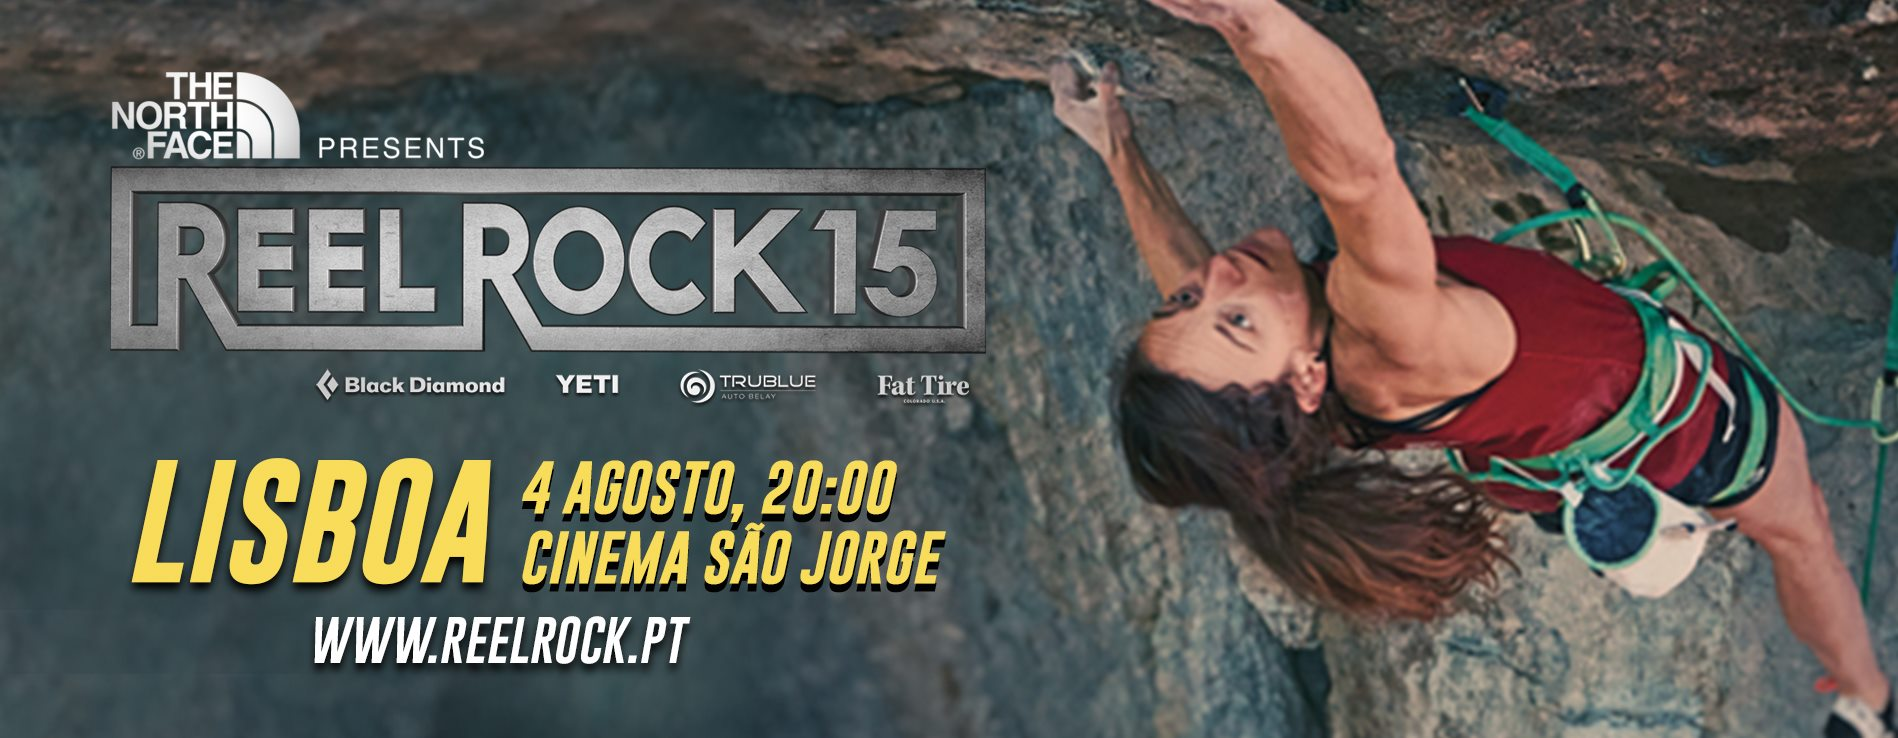 REEL ROCK 15 - Lisboa